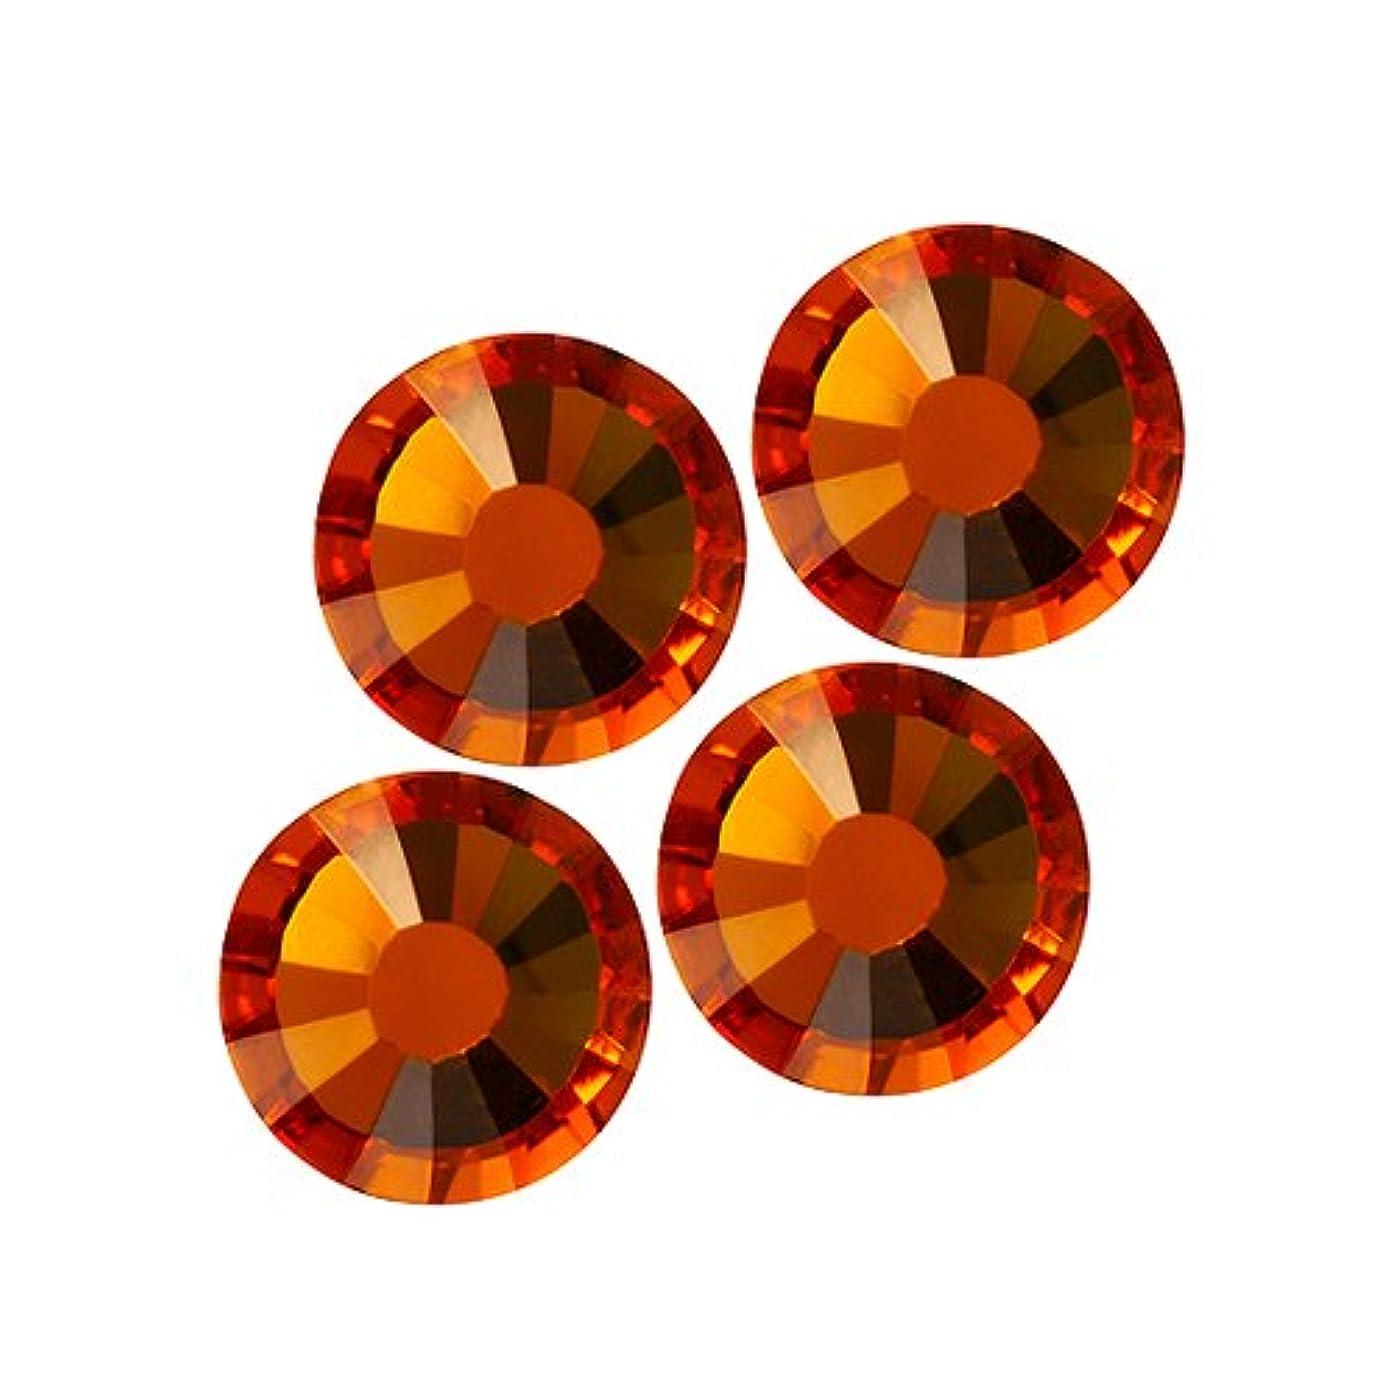 カップゲスト気難しいバイナル DIAMOND RHINESTONE トパーズSS8 720粒 ST-SS8-TPZ-5G